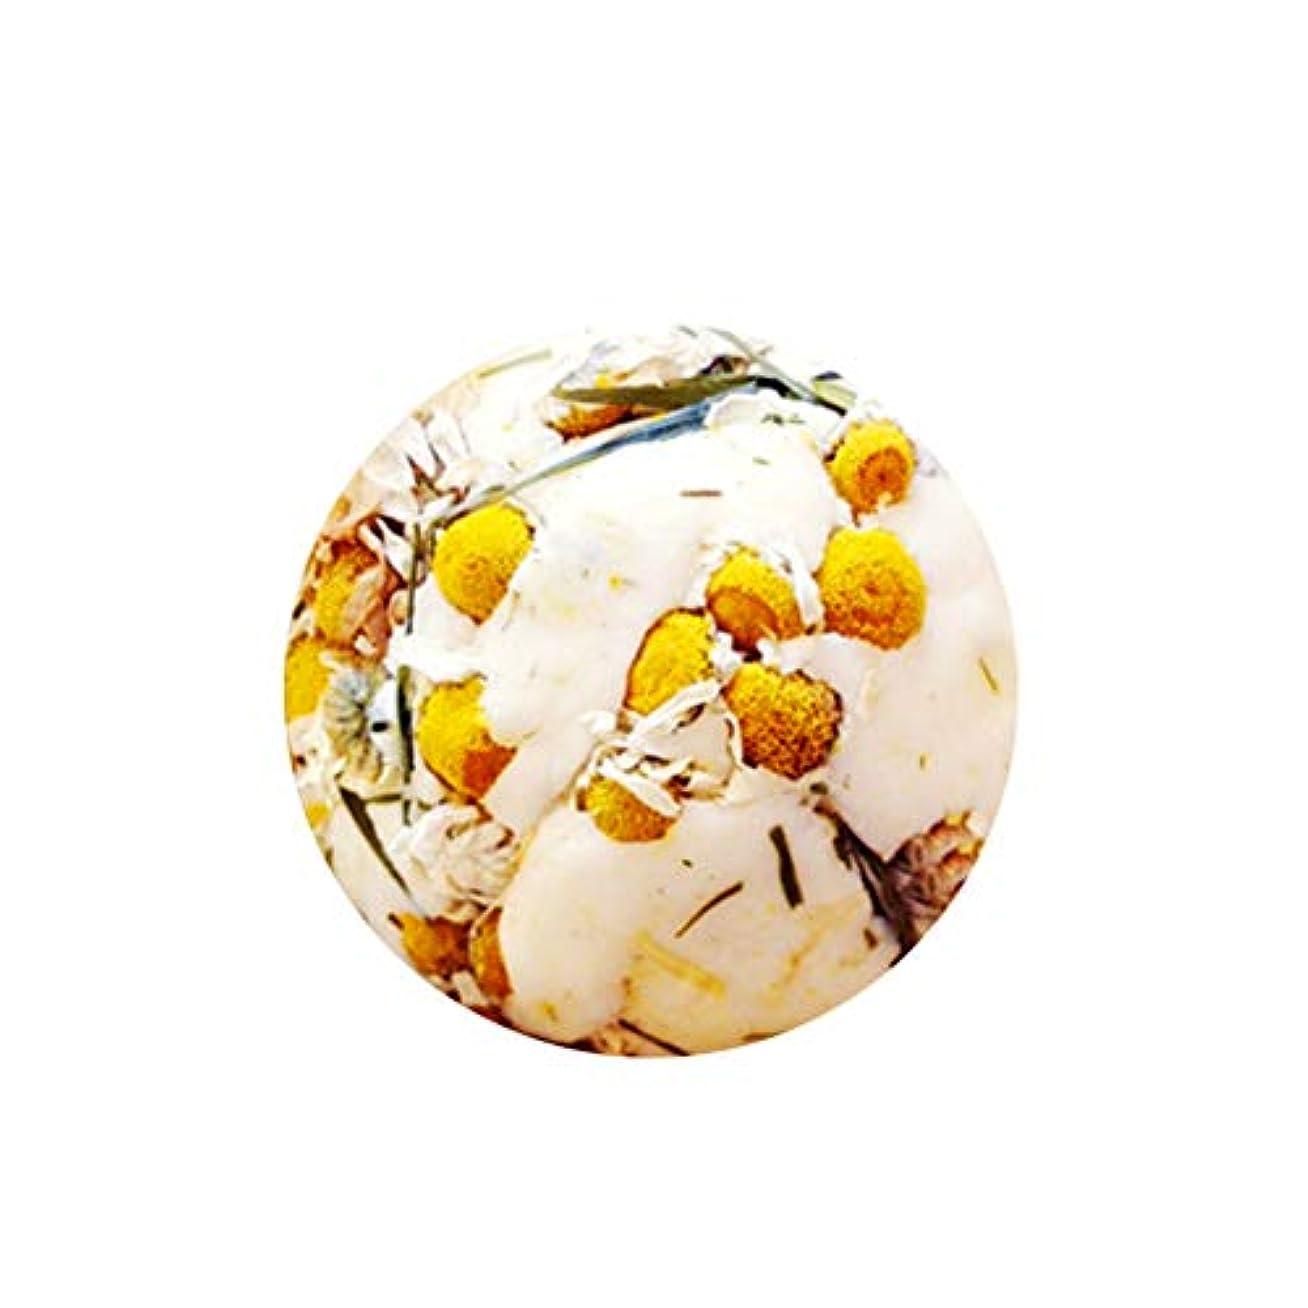 規則性満員ローズLurrose 100グラム風呂爆弾カモミール塩バブル家庭用スキンケア風呂用品用バブルスパ風呂ギフト